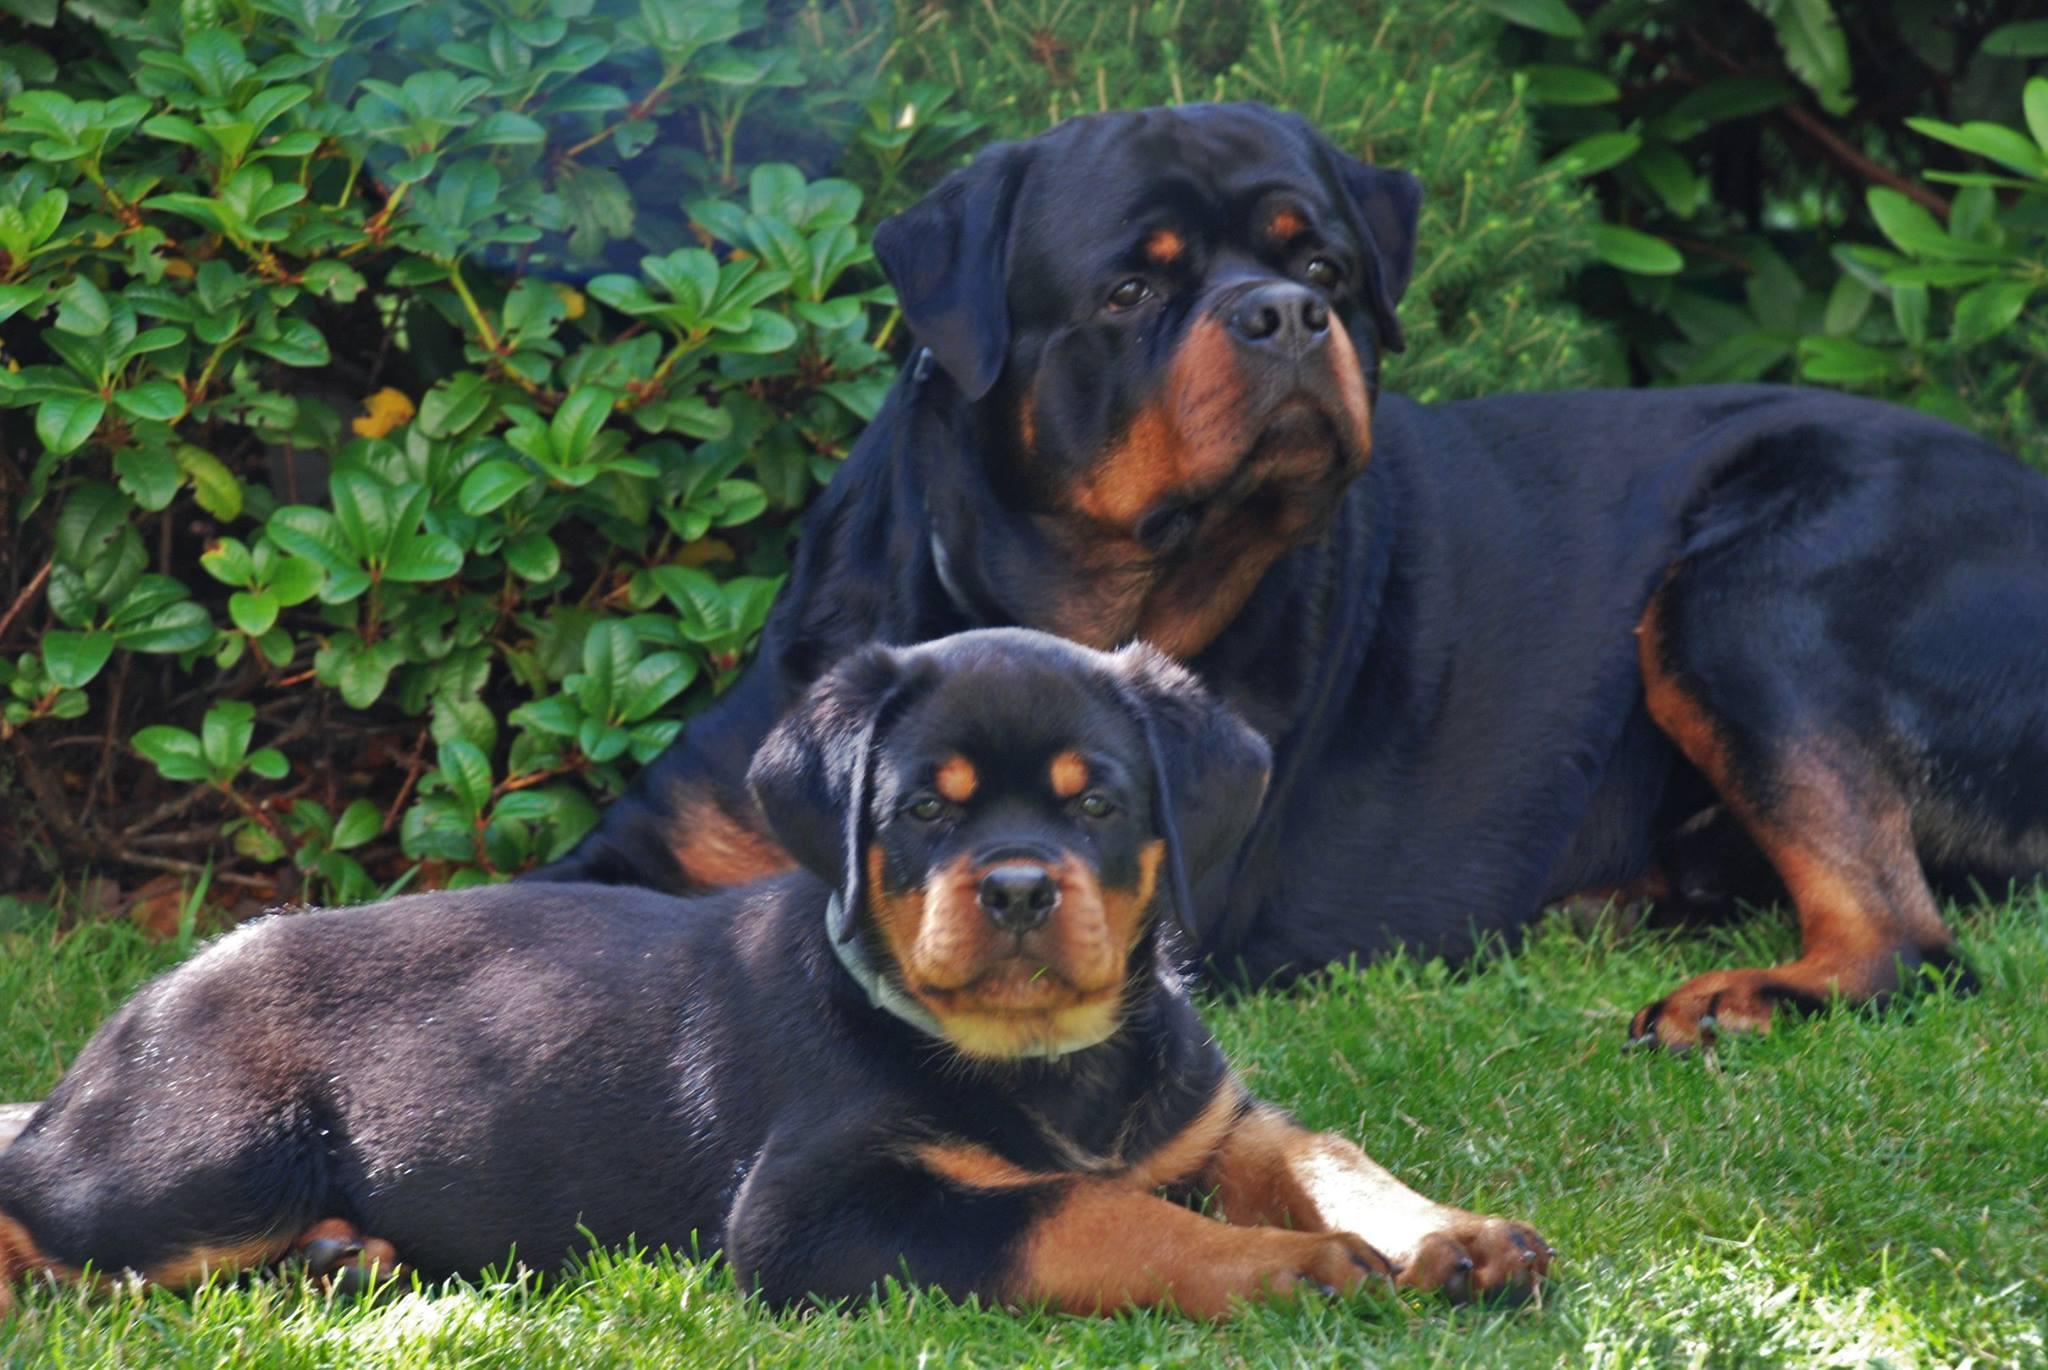 Kolejny tydzień i następne sukcesy rottweilerów ANGAROS! | Rottweiler - Hodowla Rottweilerów Angaros - Rottweilers - Rottweilery